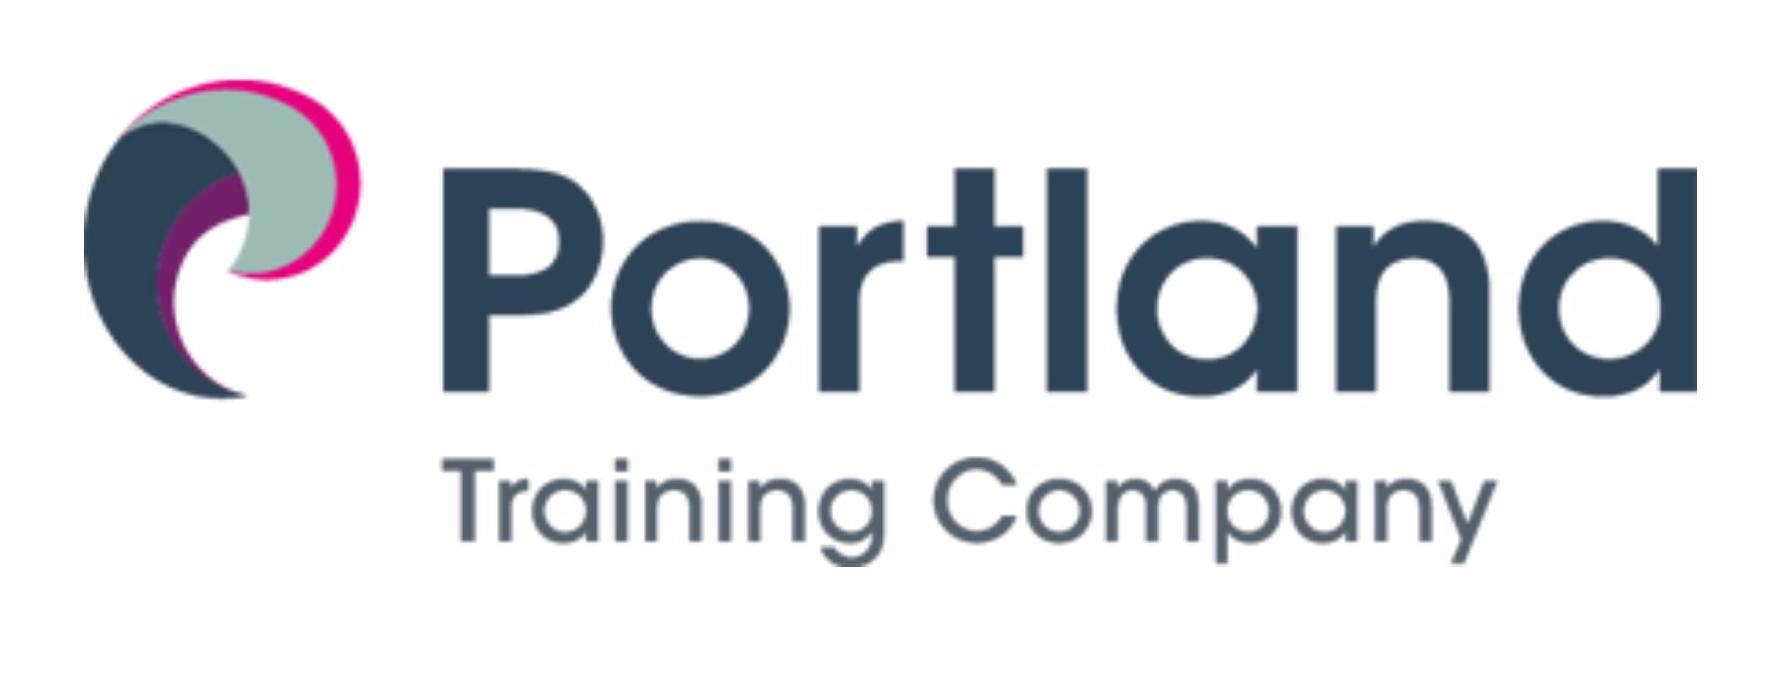 Portland Training